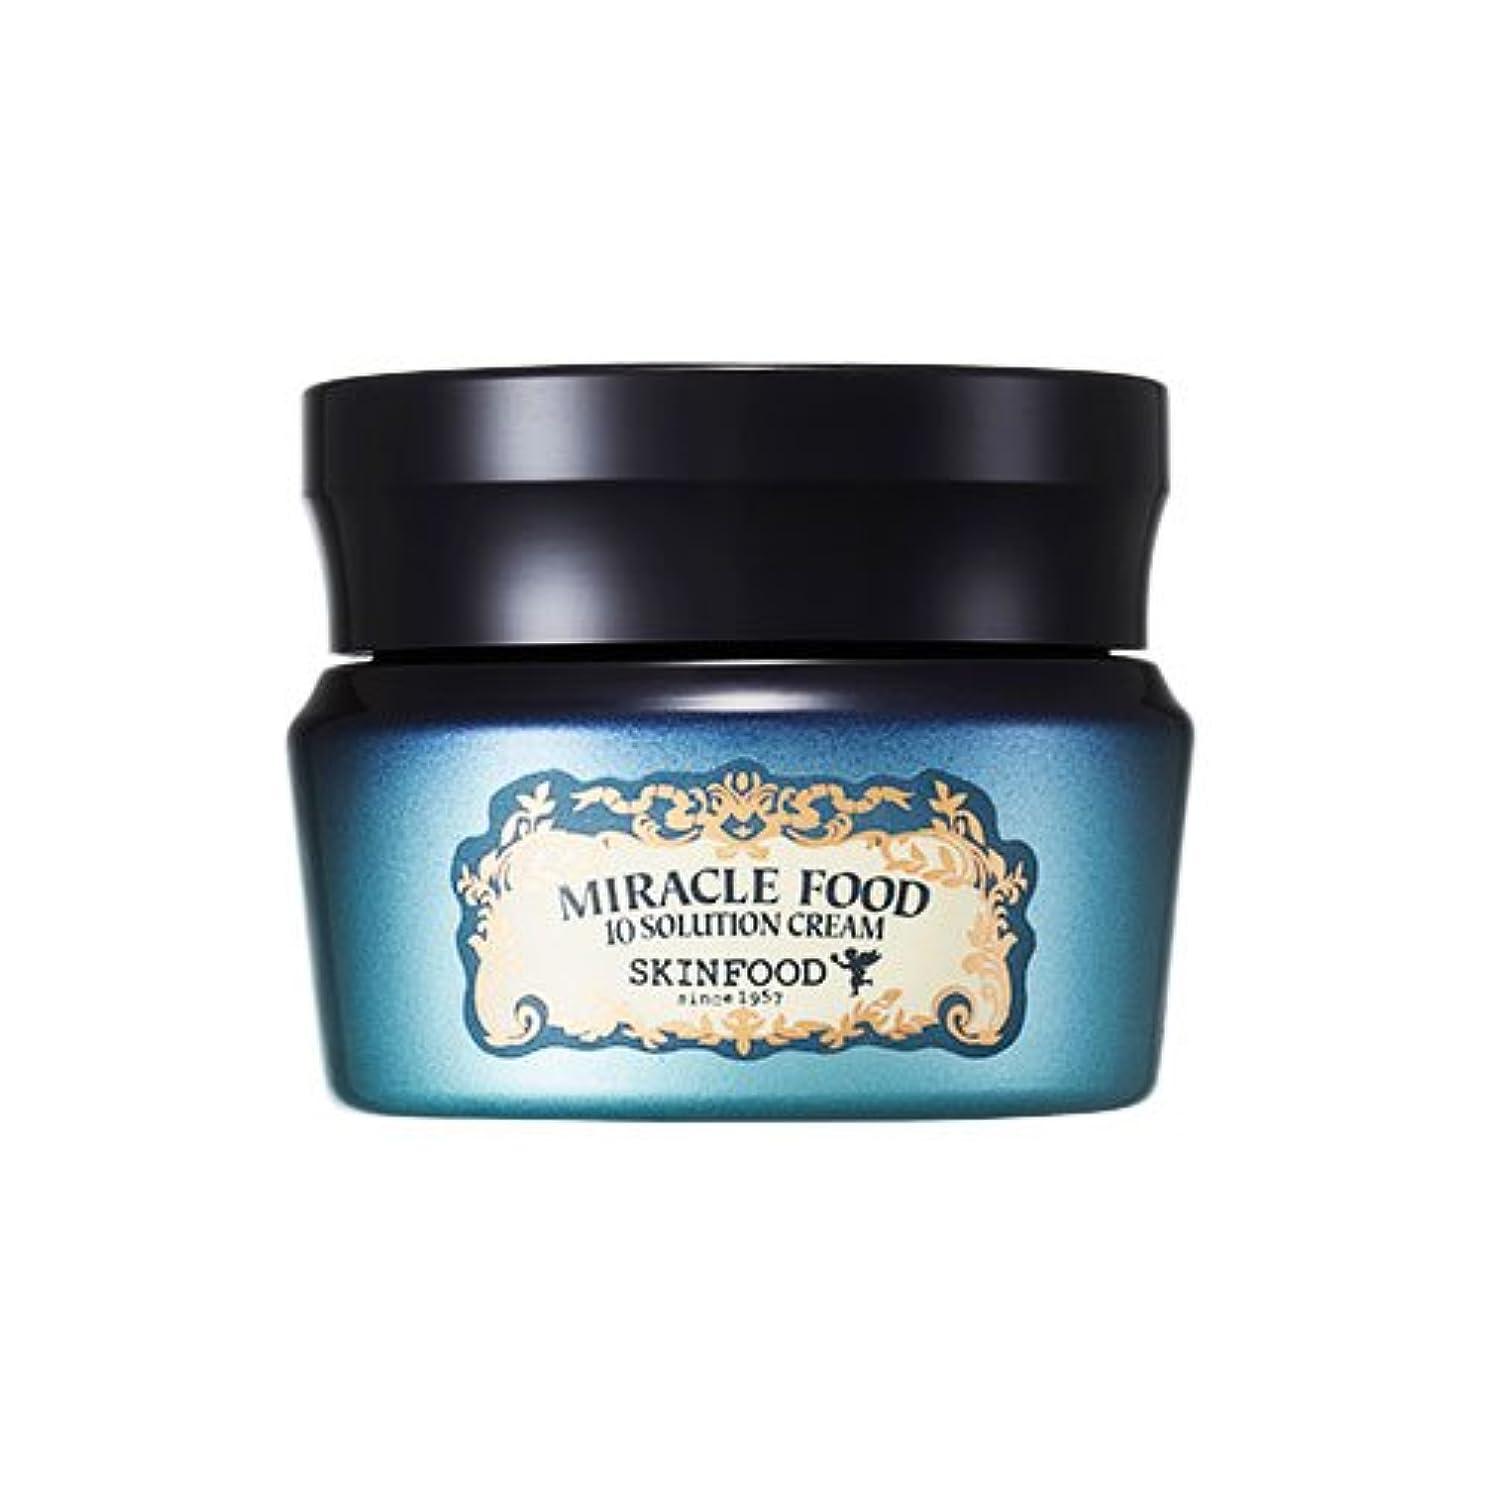 十分にブレンド冷蔵するSkinfood ミラクルフード10ソリューションクリーム(美白効果としわ防止効果) / Miracle Food 10 Solution Cream (Skin-Brightening and Anti-Wrinkle...